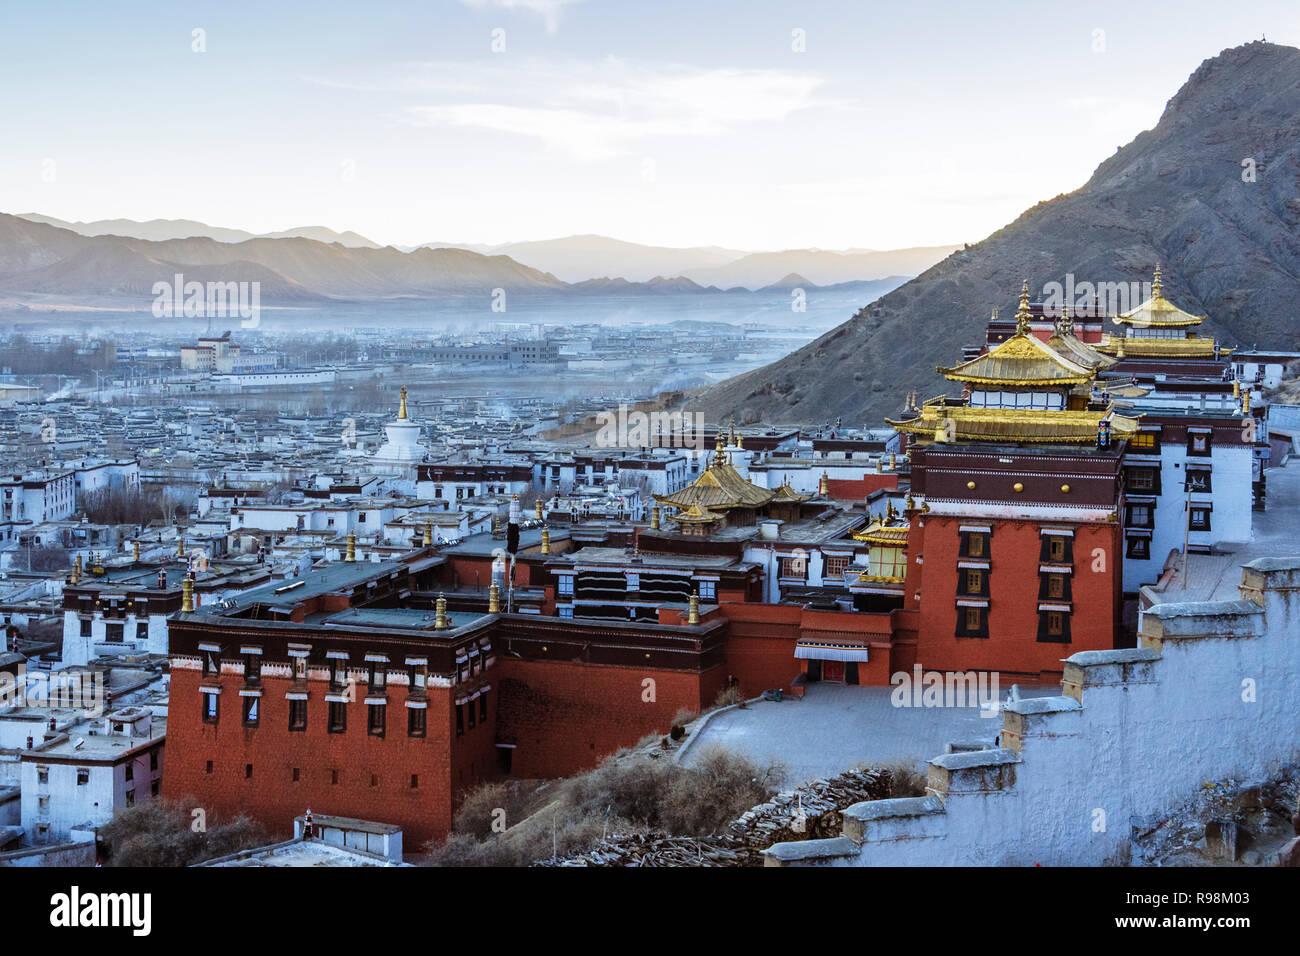 Shigatse, dans la région autonome du Tibet, Chine: le monastère de Tashi Lhunpo, siège traditionnel du Panchen Lama fondée en 1447 par le 1er Dalaï-lama. Photo Stock